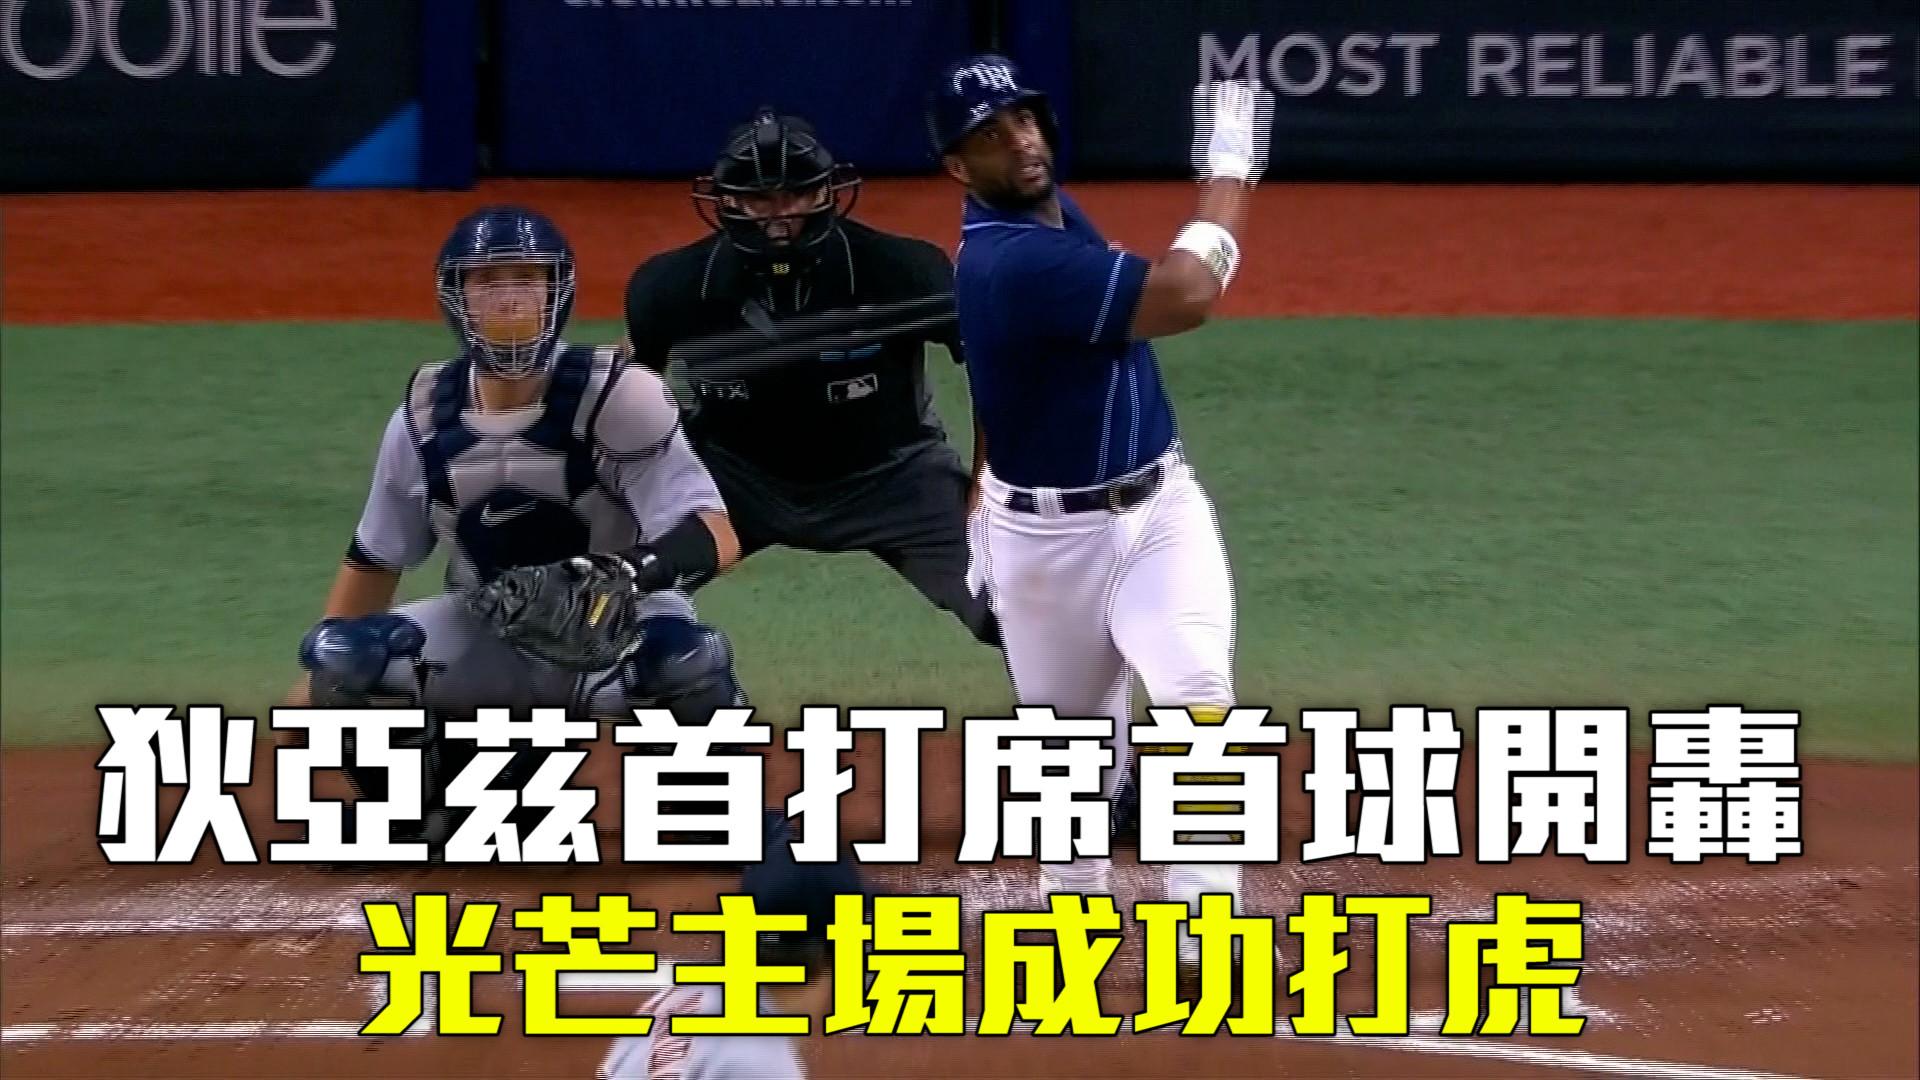 【MLB看愛爾達】主場找回贏球方程式 光芒壓制老虎 9/17